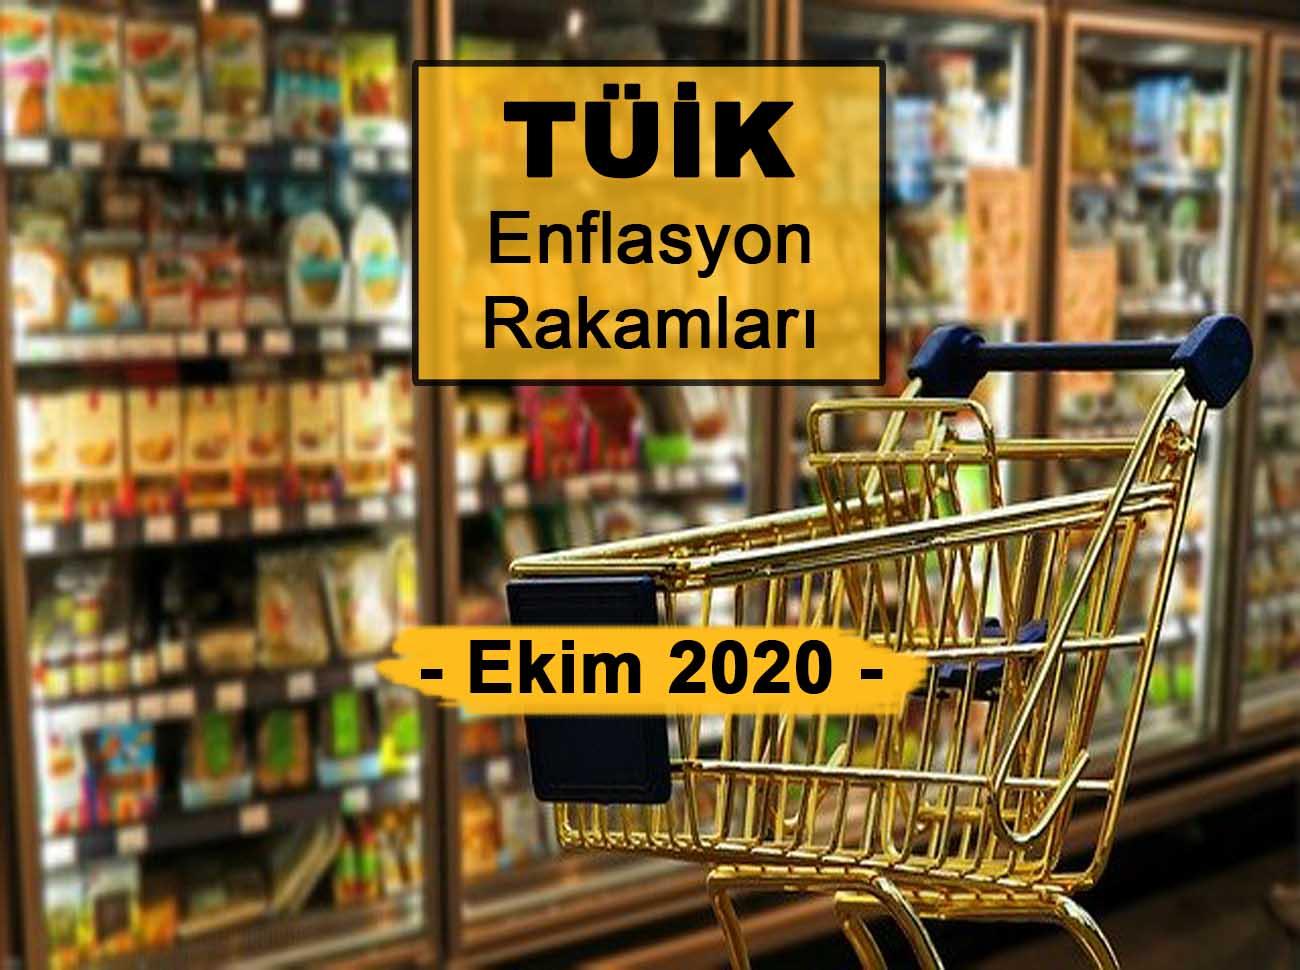 Enflasyon Rakamları (Ekim 2020) Açıklandı